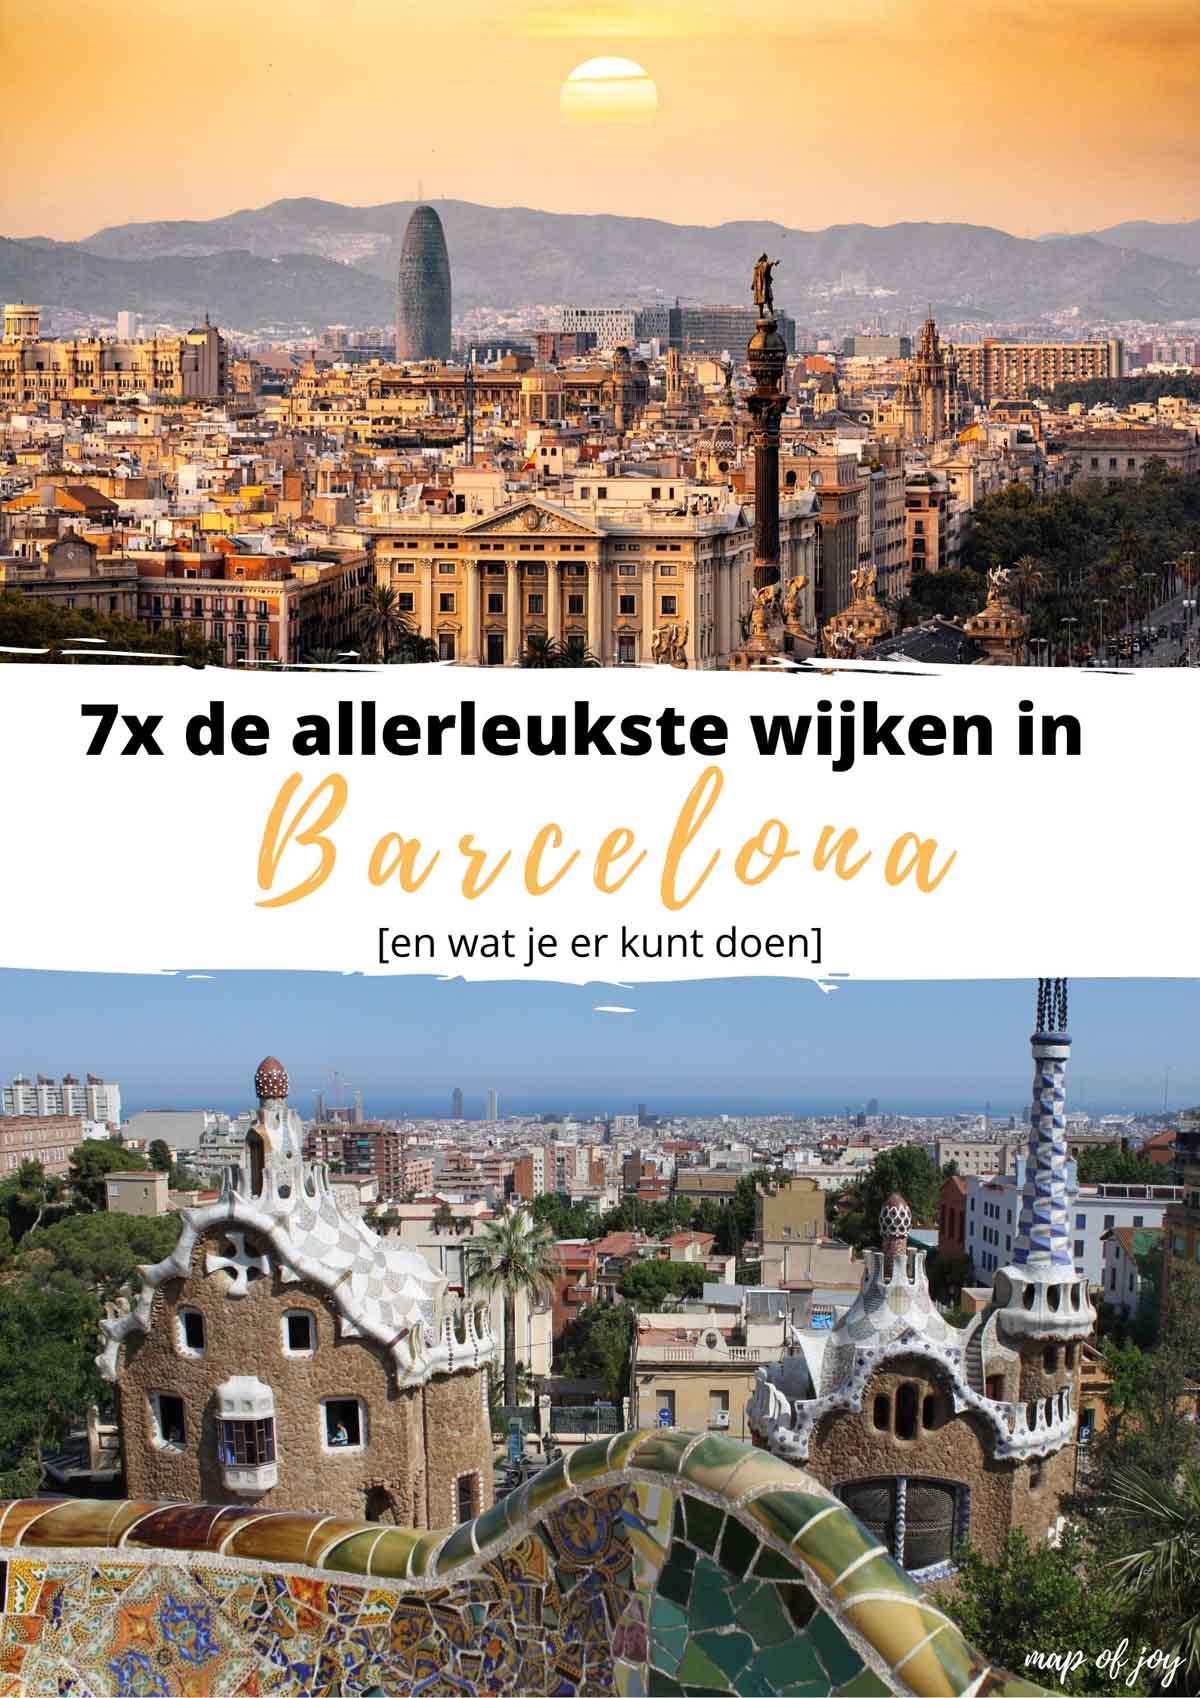 7x de allerleukste wijken in Barcelona [en wat je er kunt doen] - Map of Joy